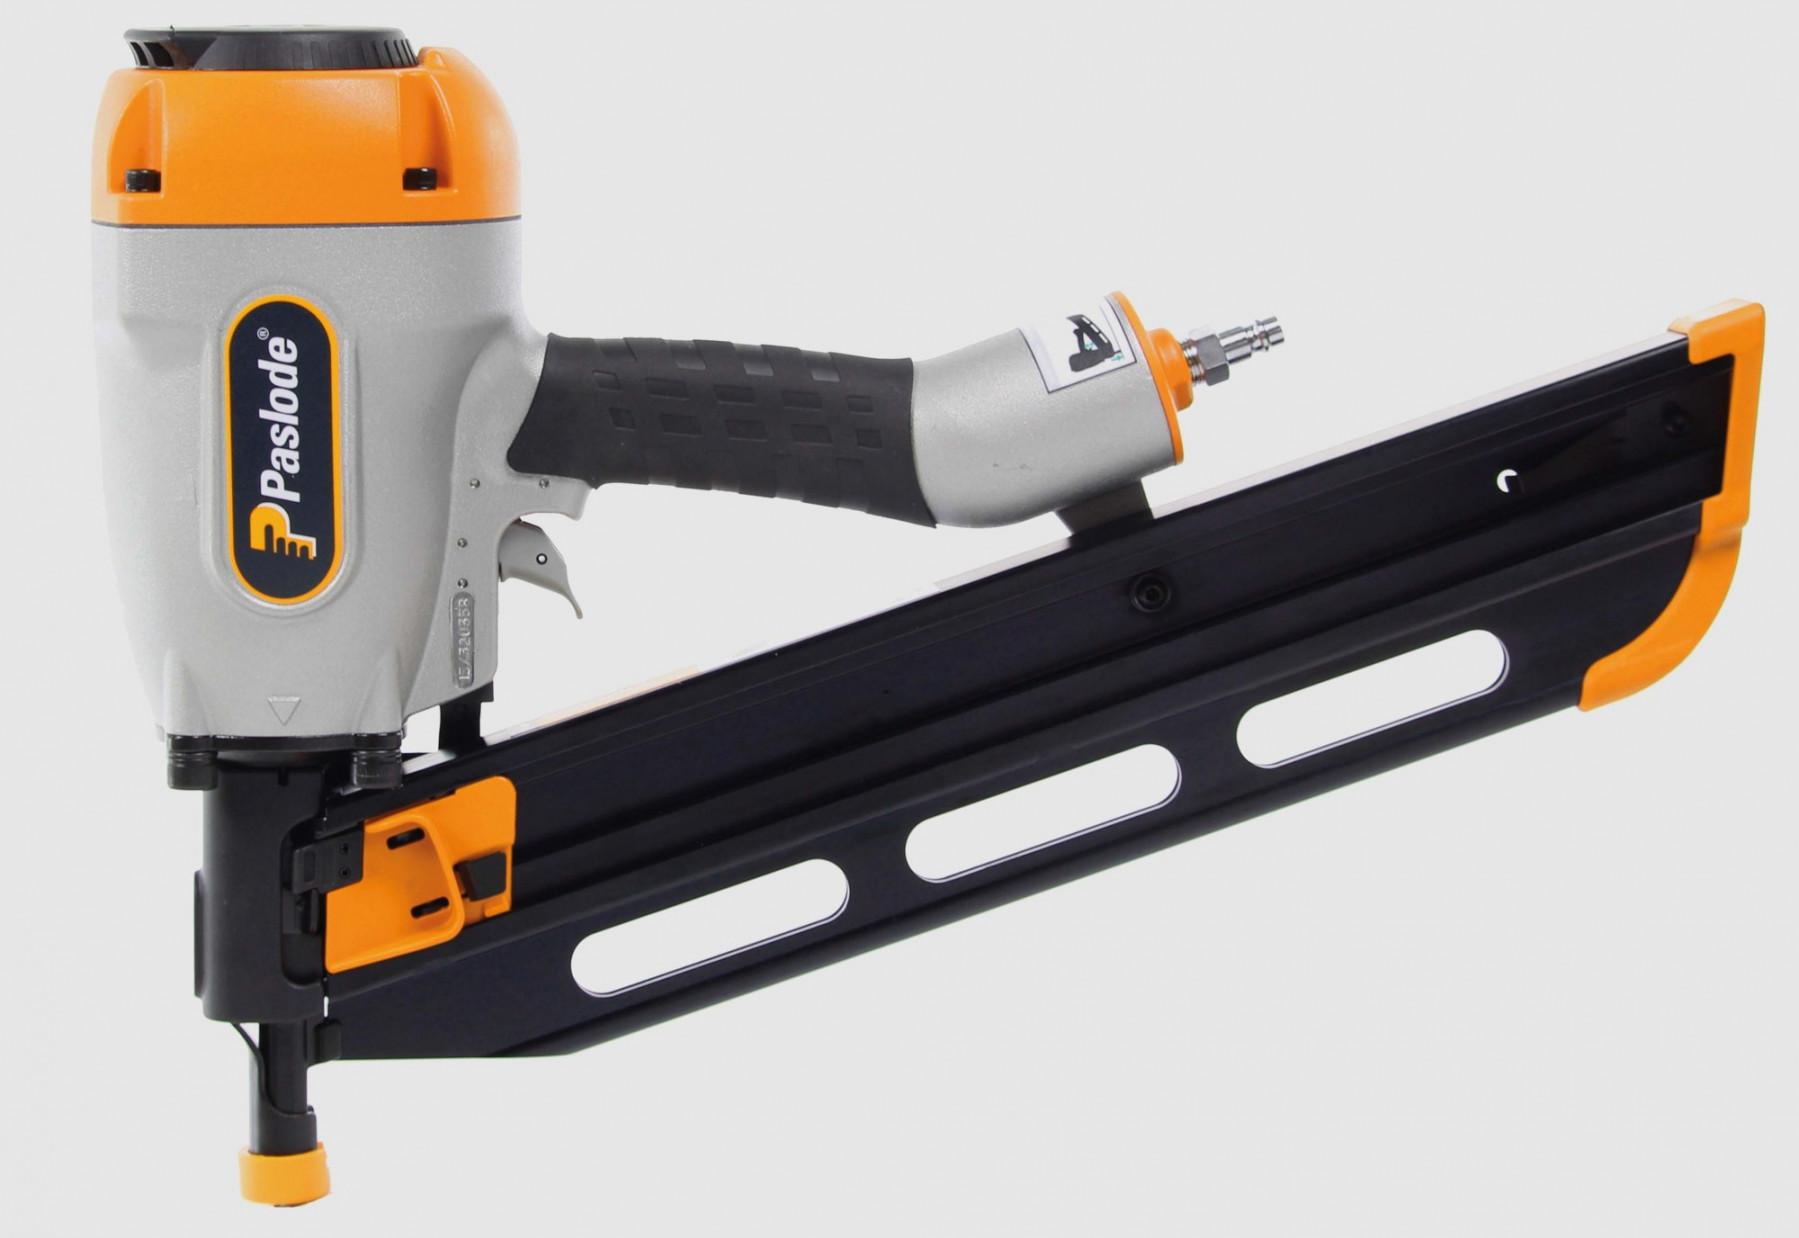 Cloueur pneumatique DFSN100.1 SPIT pour pointes en bande de 60 à 100 mm - 505275